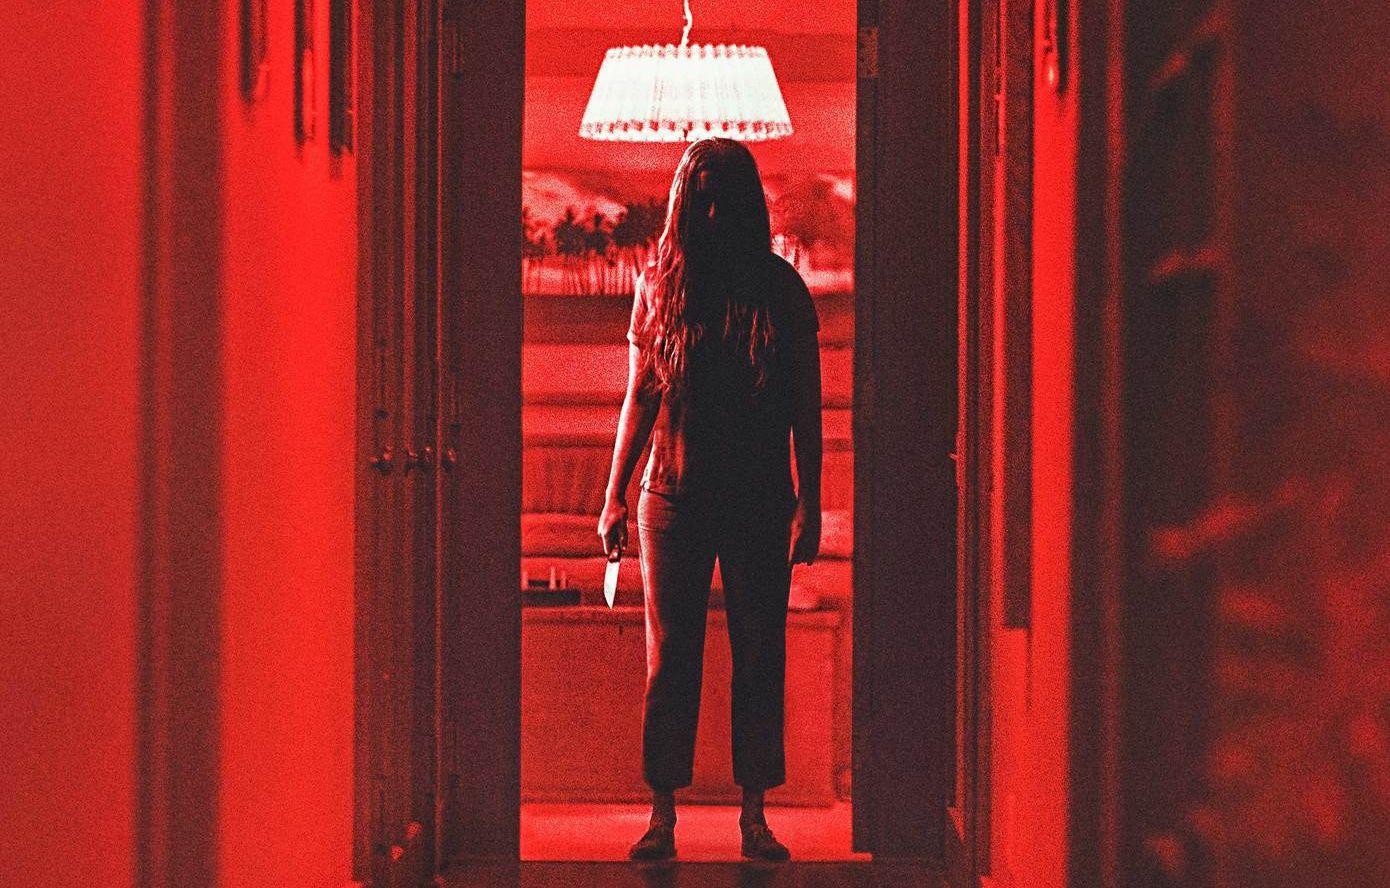 10050 Cielo Drive, la recensione dell'horror sull'omicidio di Sharon ...